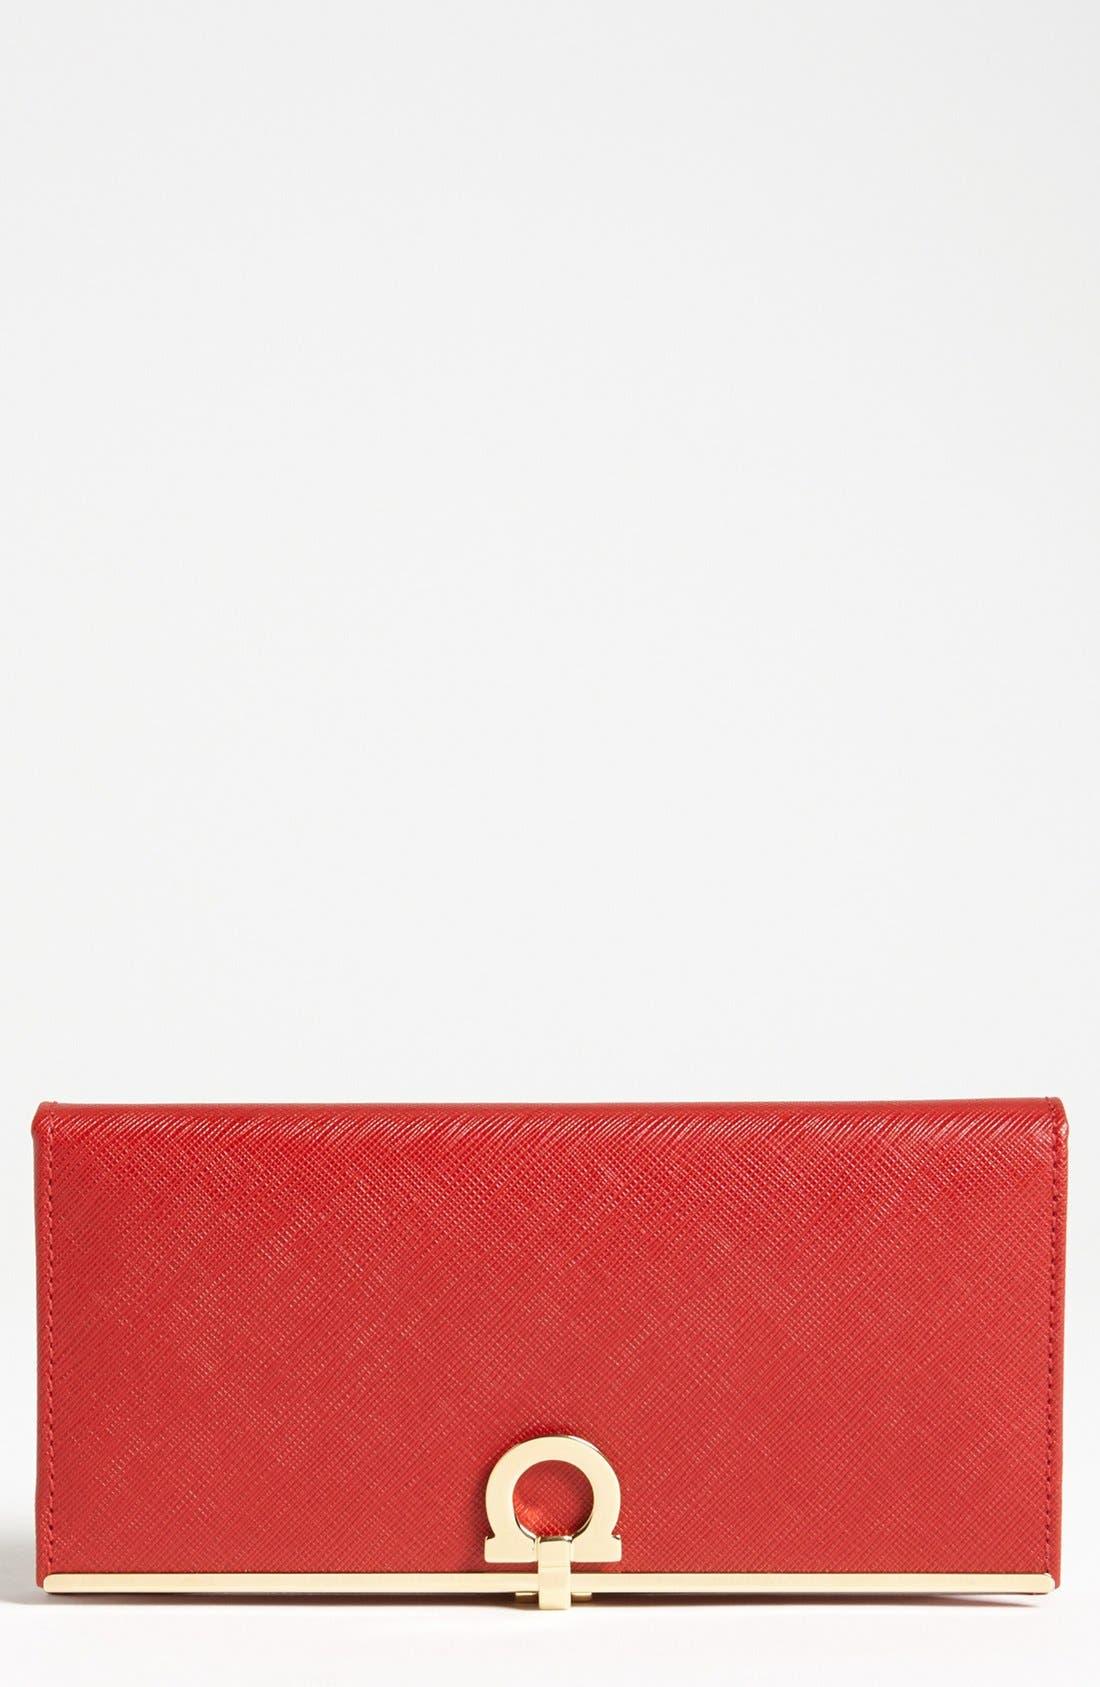 SALVATORE FERRAGAMO Saffiano Leather Wallet